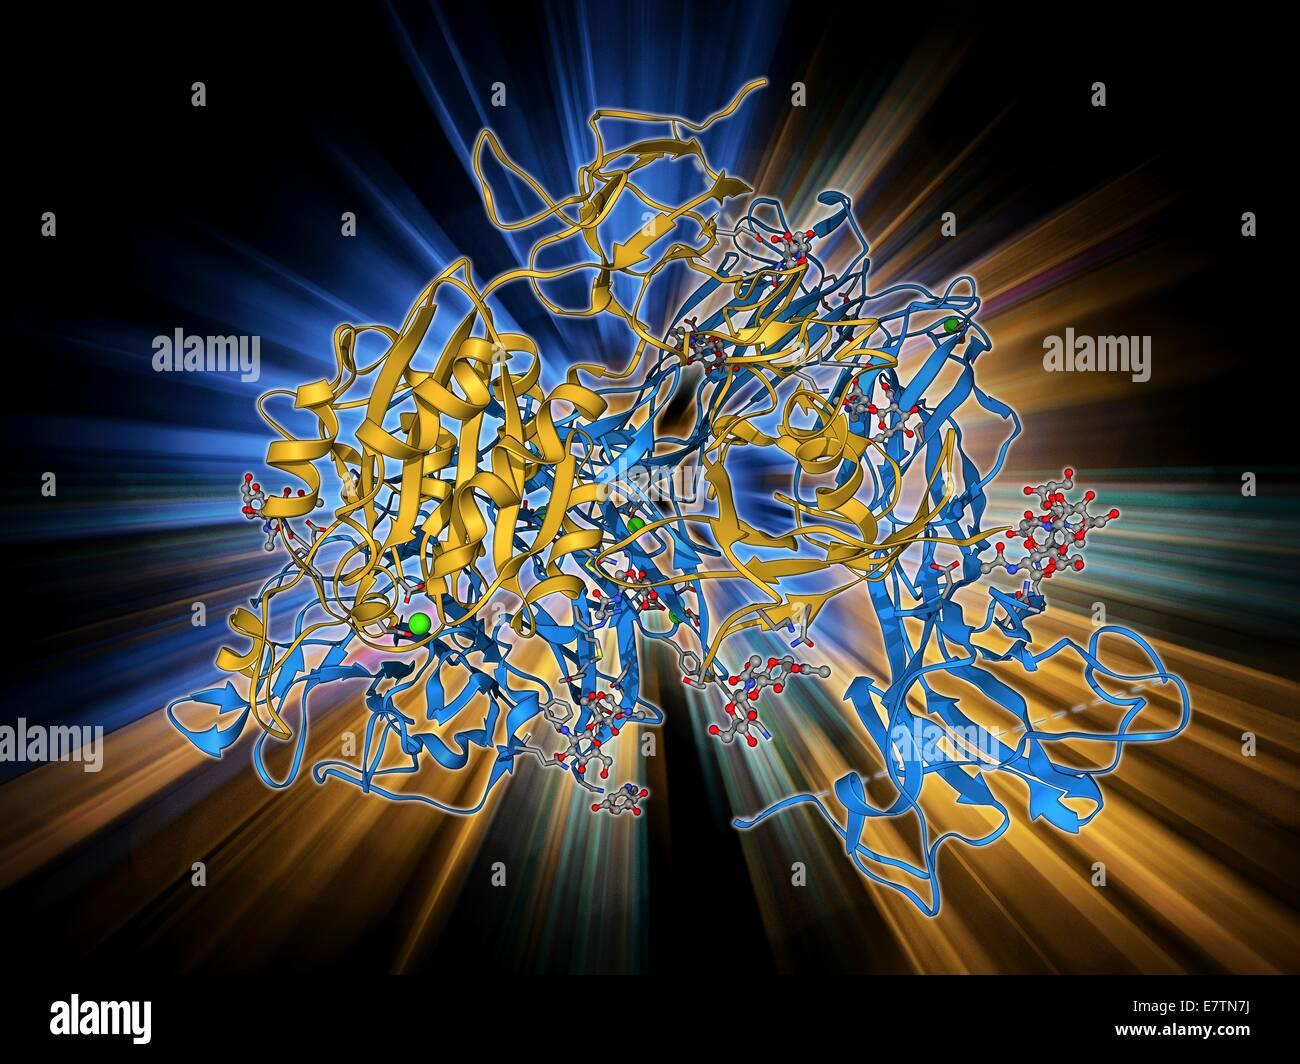 Uroporphyrinogen III decarboxylase. Molecular model of the enzyme human uroporphyrinogen III decarboxylase (UROD). - Stock Image